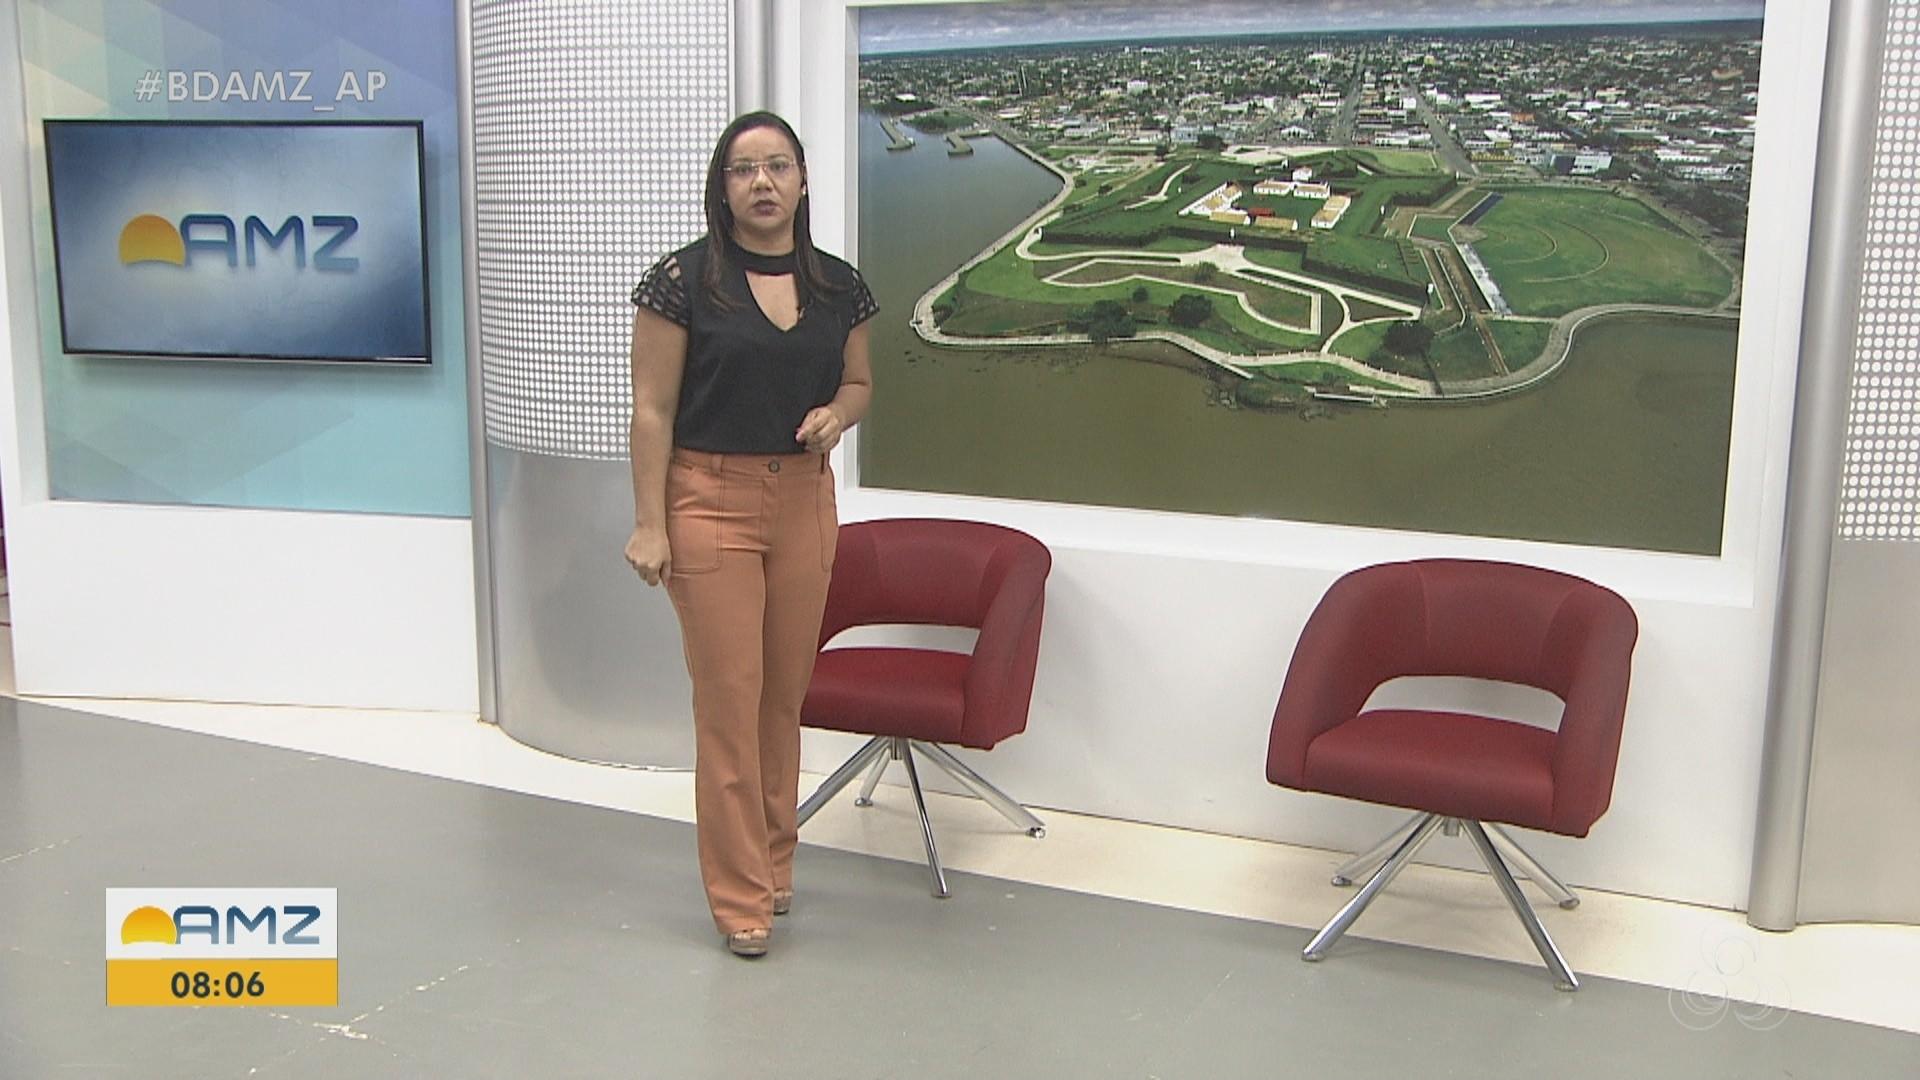 VÍDEOS: Bom Dia Amazônia - AP de segunda-feira, 6 de julho de 2020